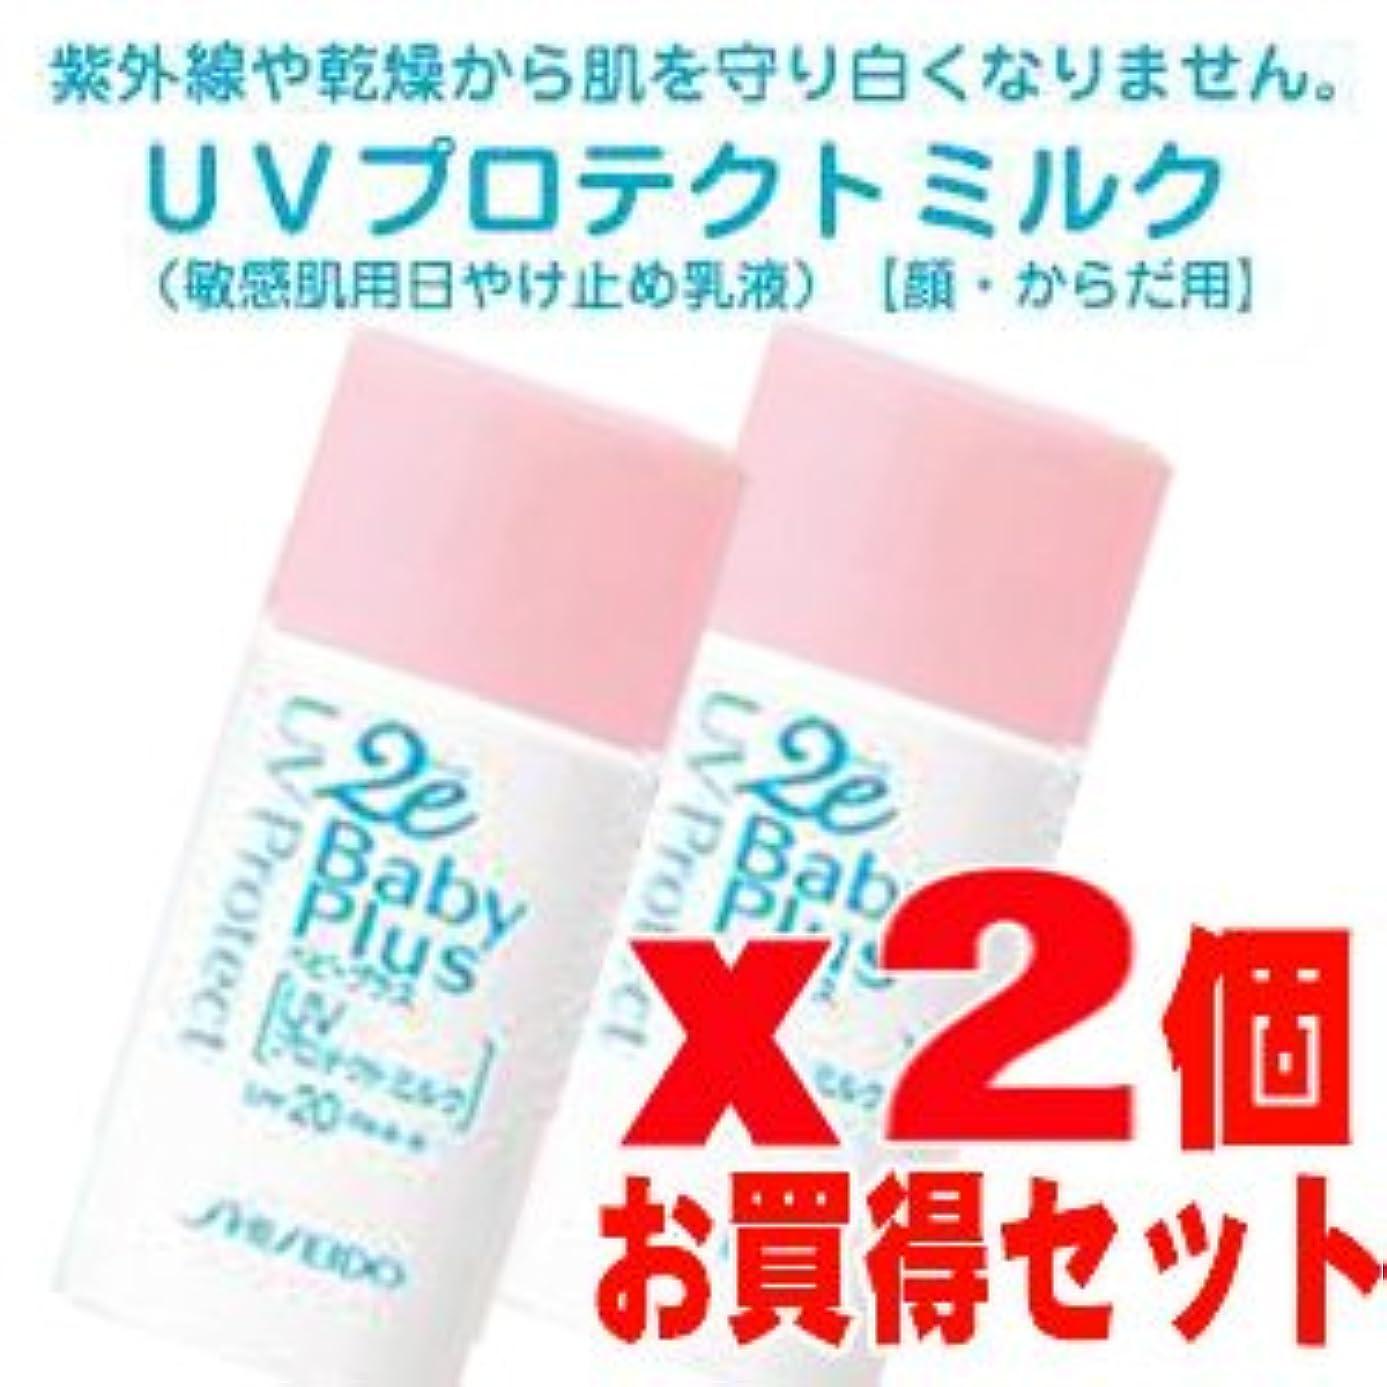 検索エンジン最適化グリース世界の窓2E(ドゥーエ) ベビープラス BABY PLUS UVプロテクトミルク 30MLx2(SPF20?PA++)2個セット